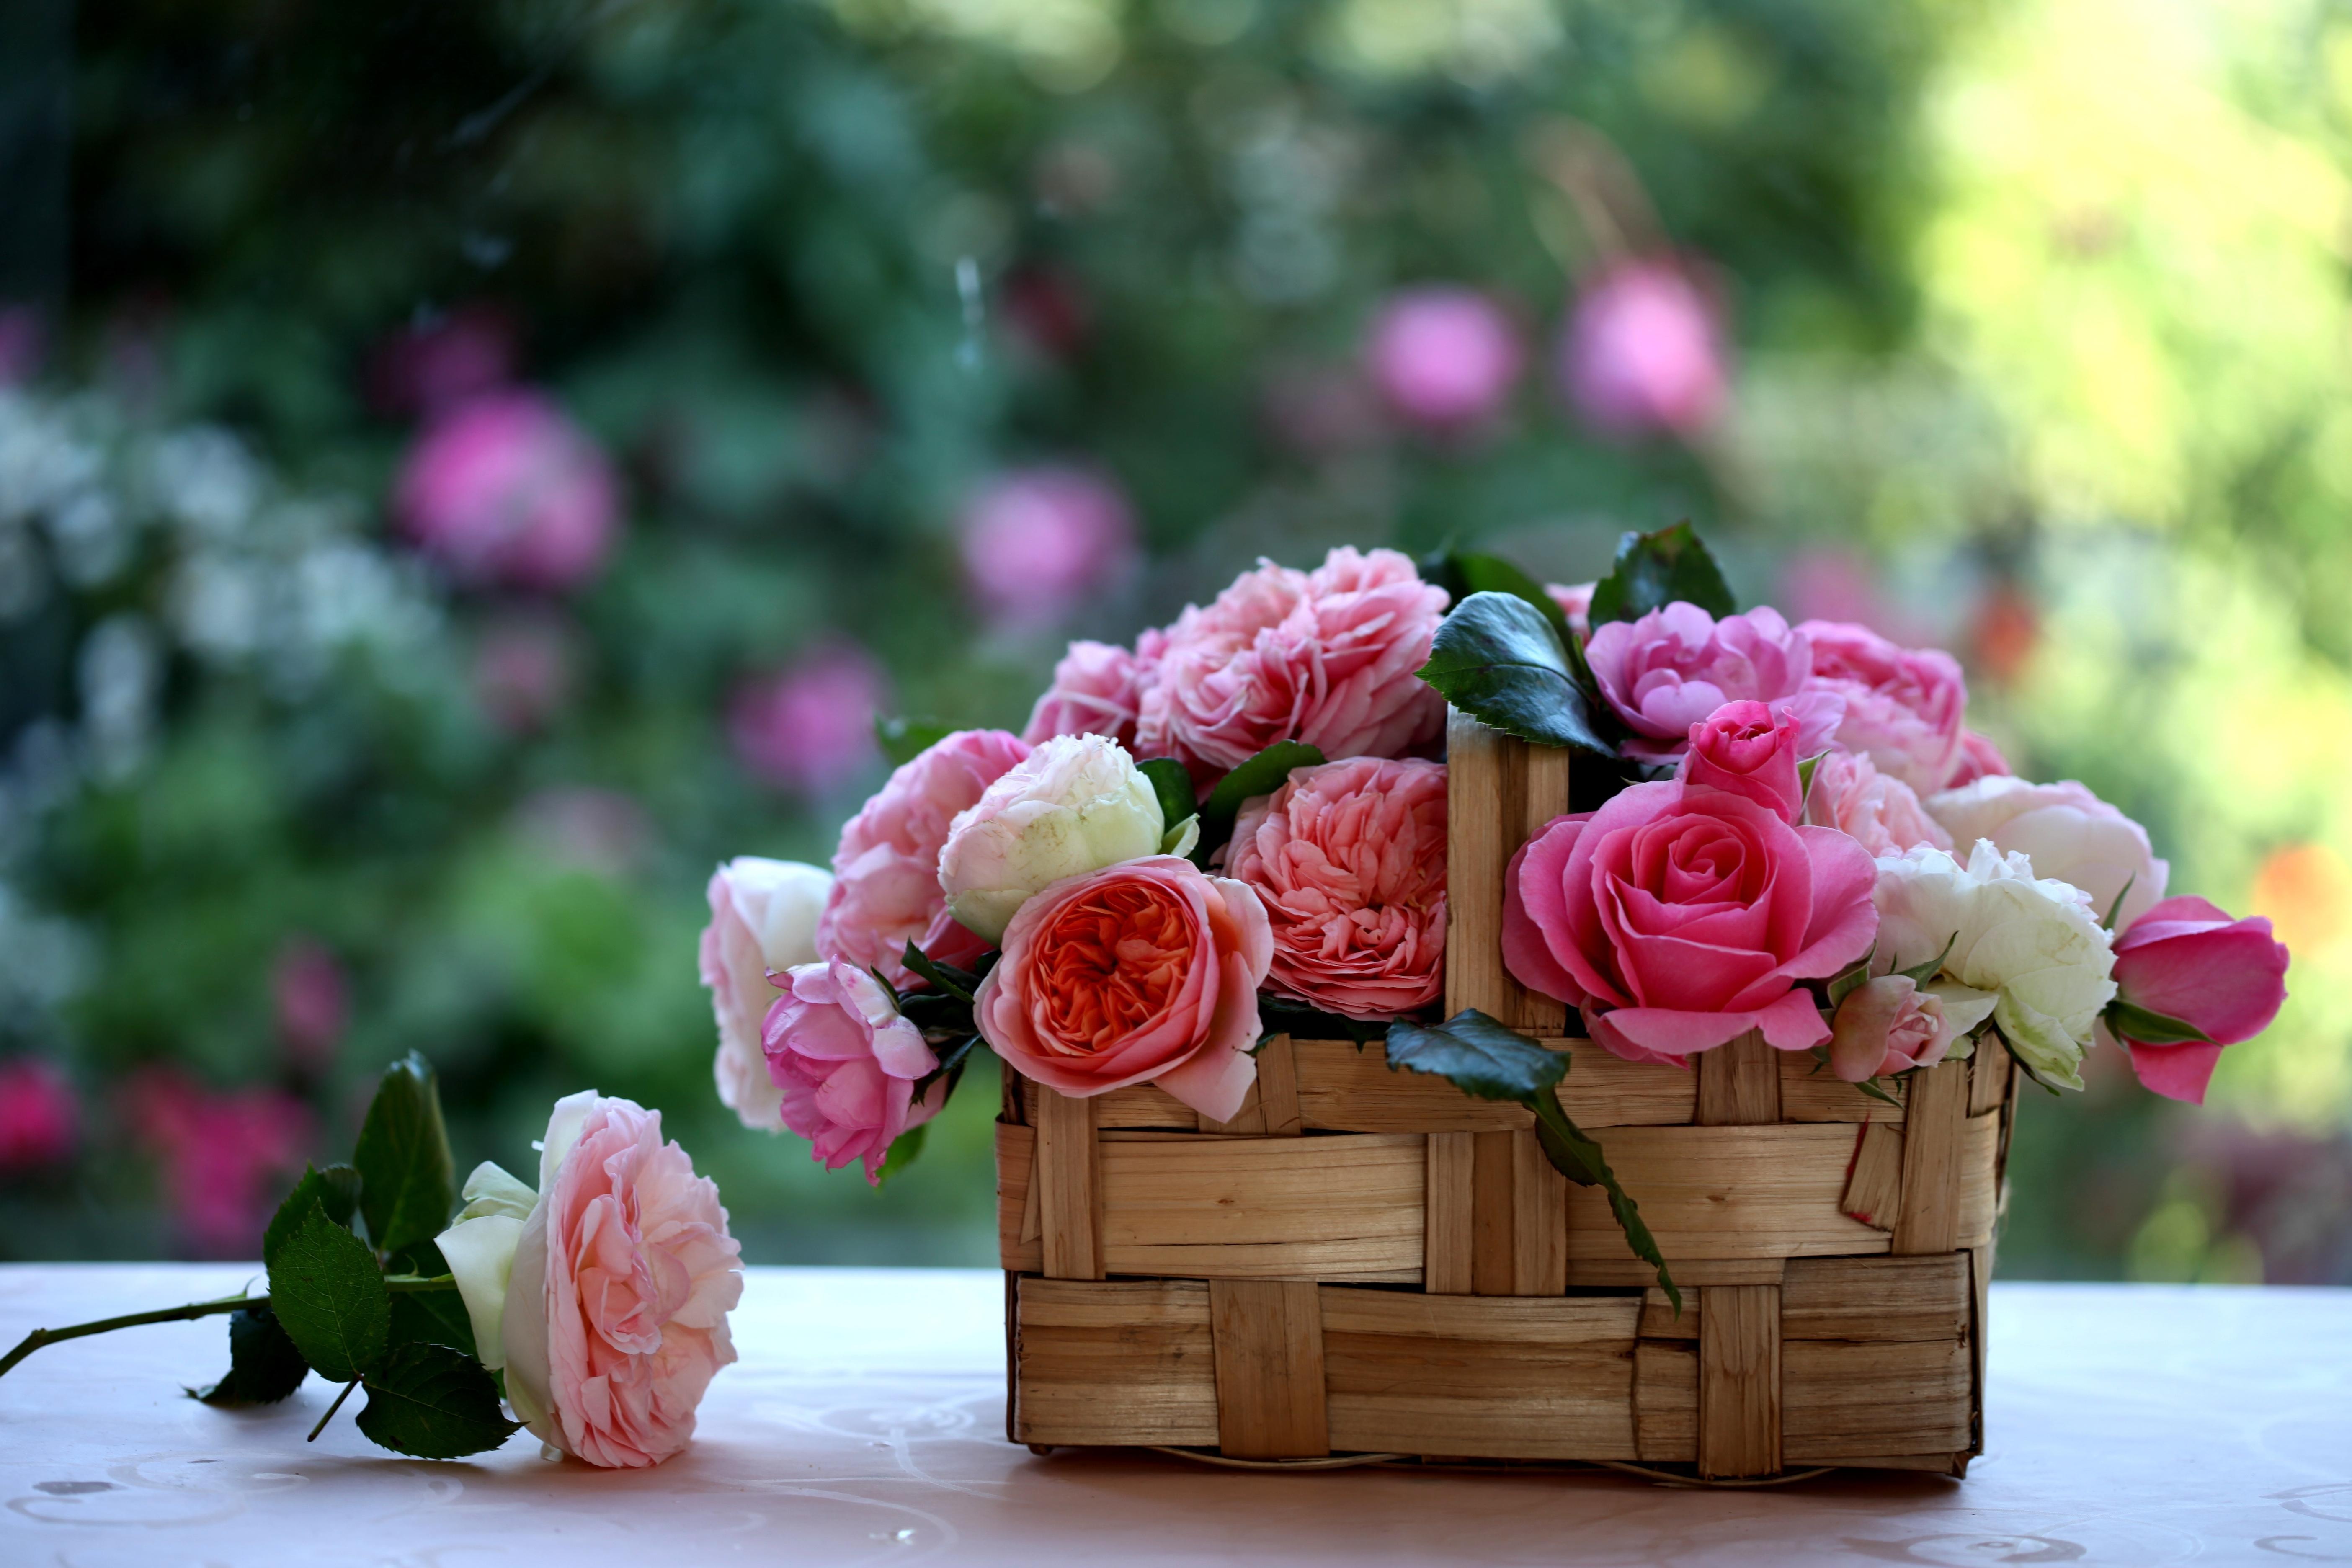 цветы букет розы скамейка природа бесплатно